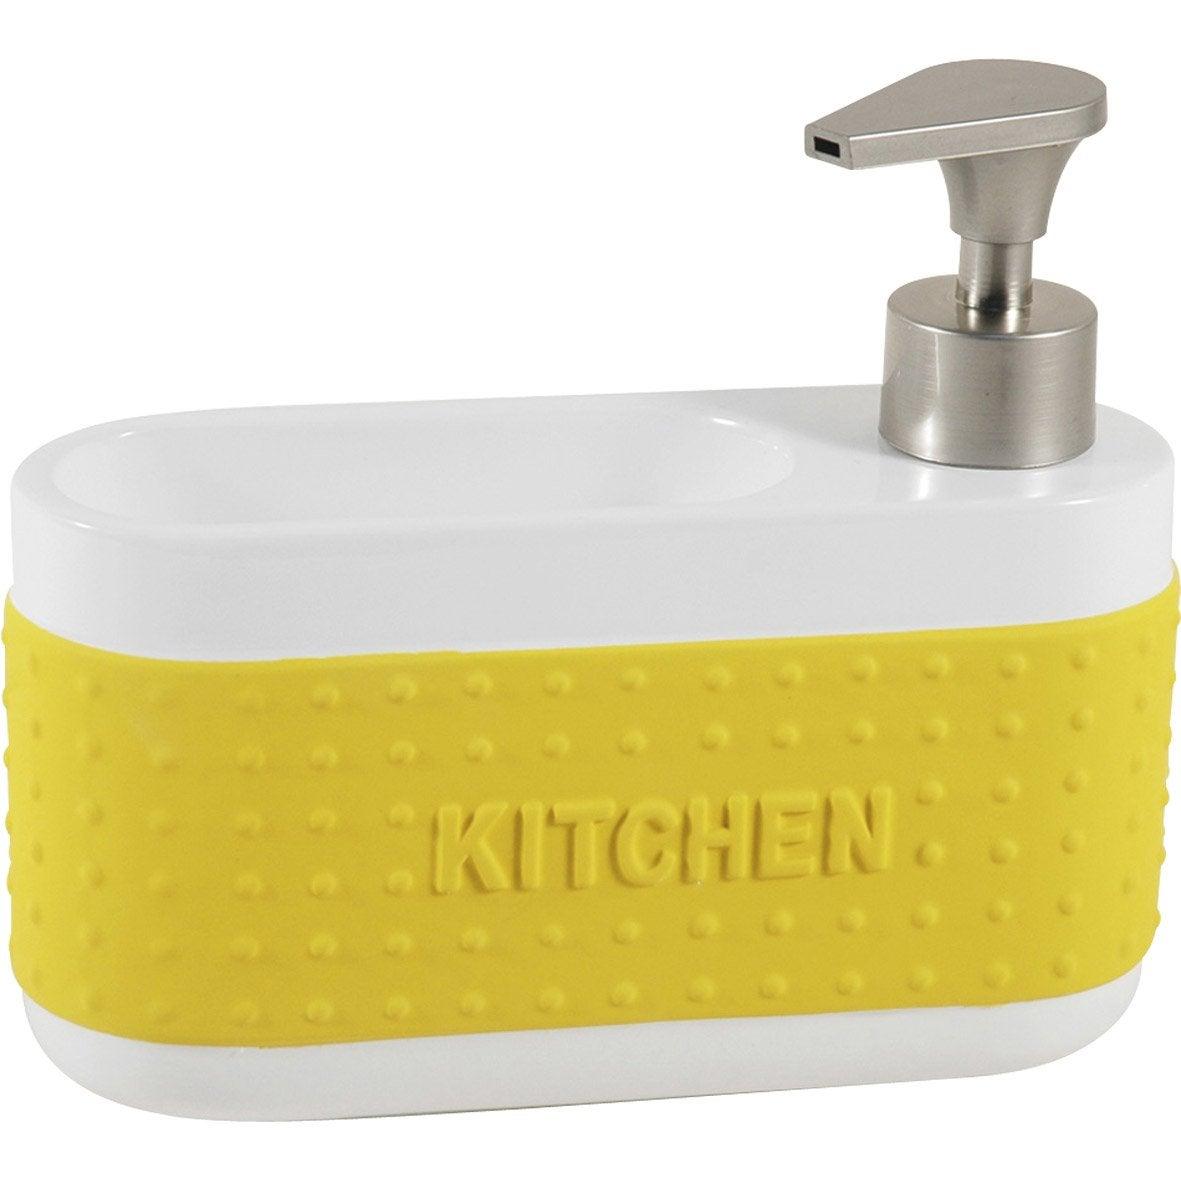 Soap dispenser with ceramic yellow sponge holder anise # 4